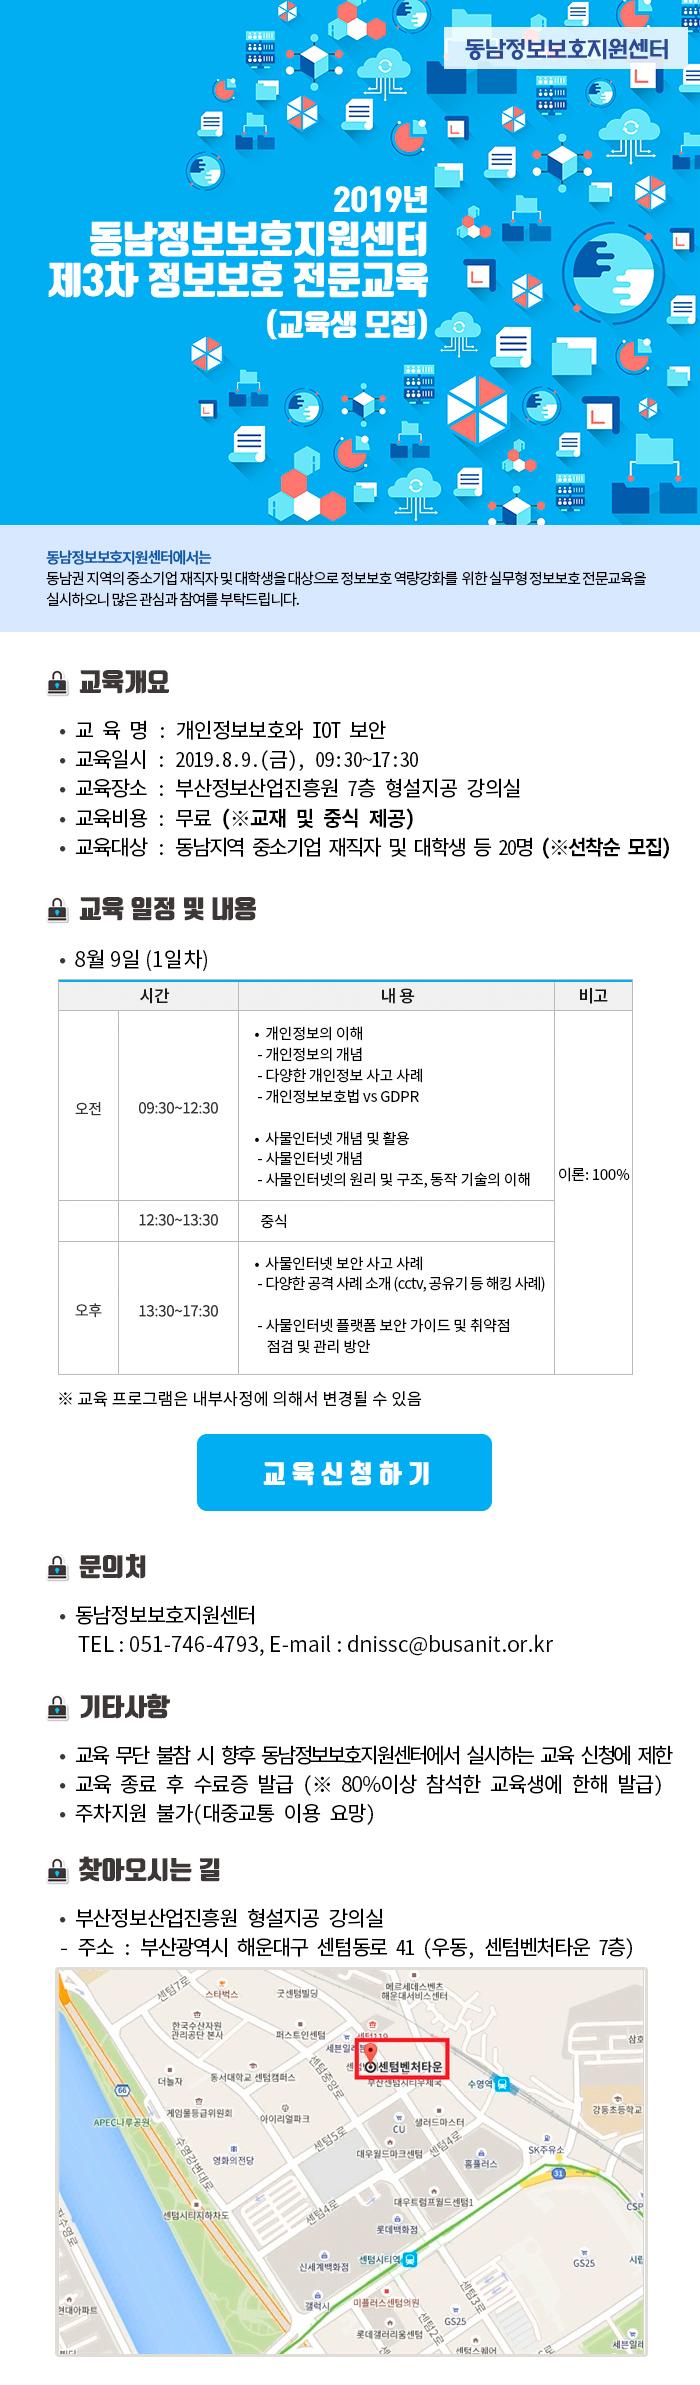 [동남정보보호지원센터] 2019년 동남정보보호지원센터 제3차 정보보호 전문교육(교육생 모집)